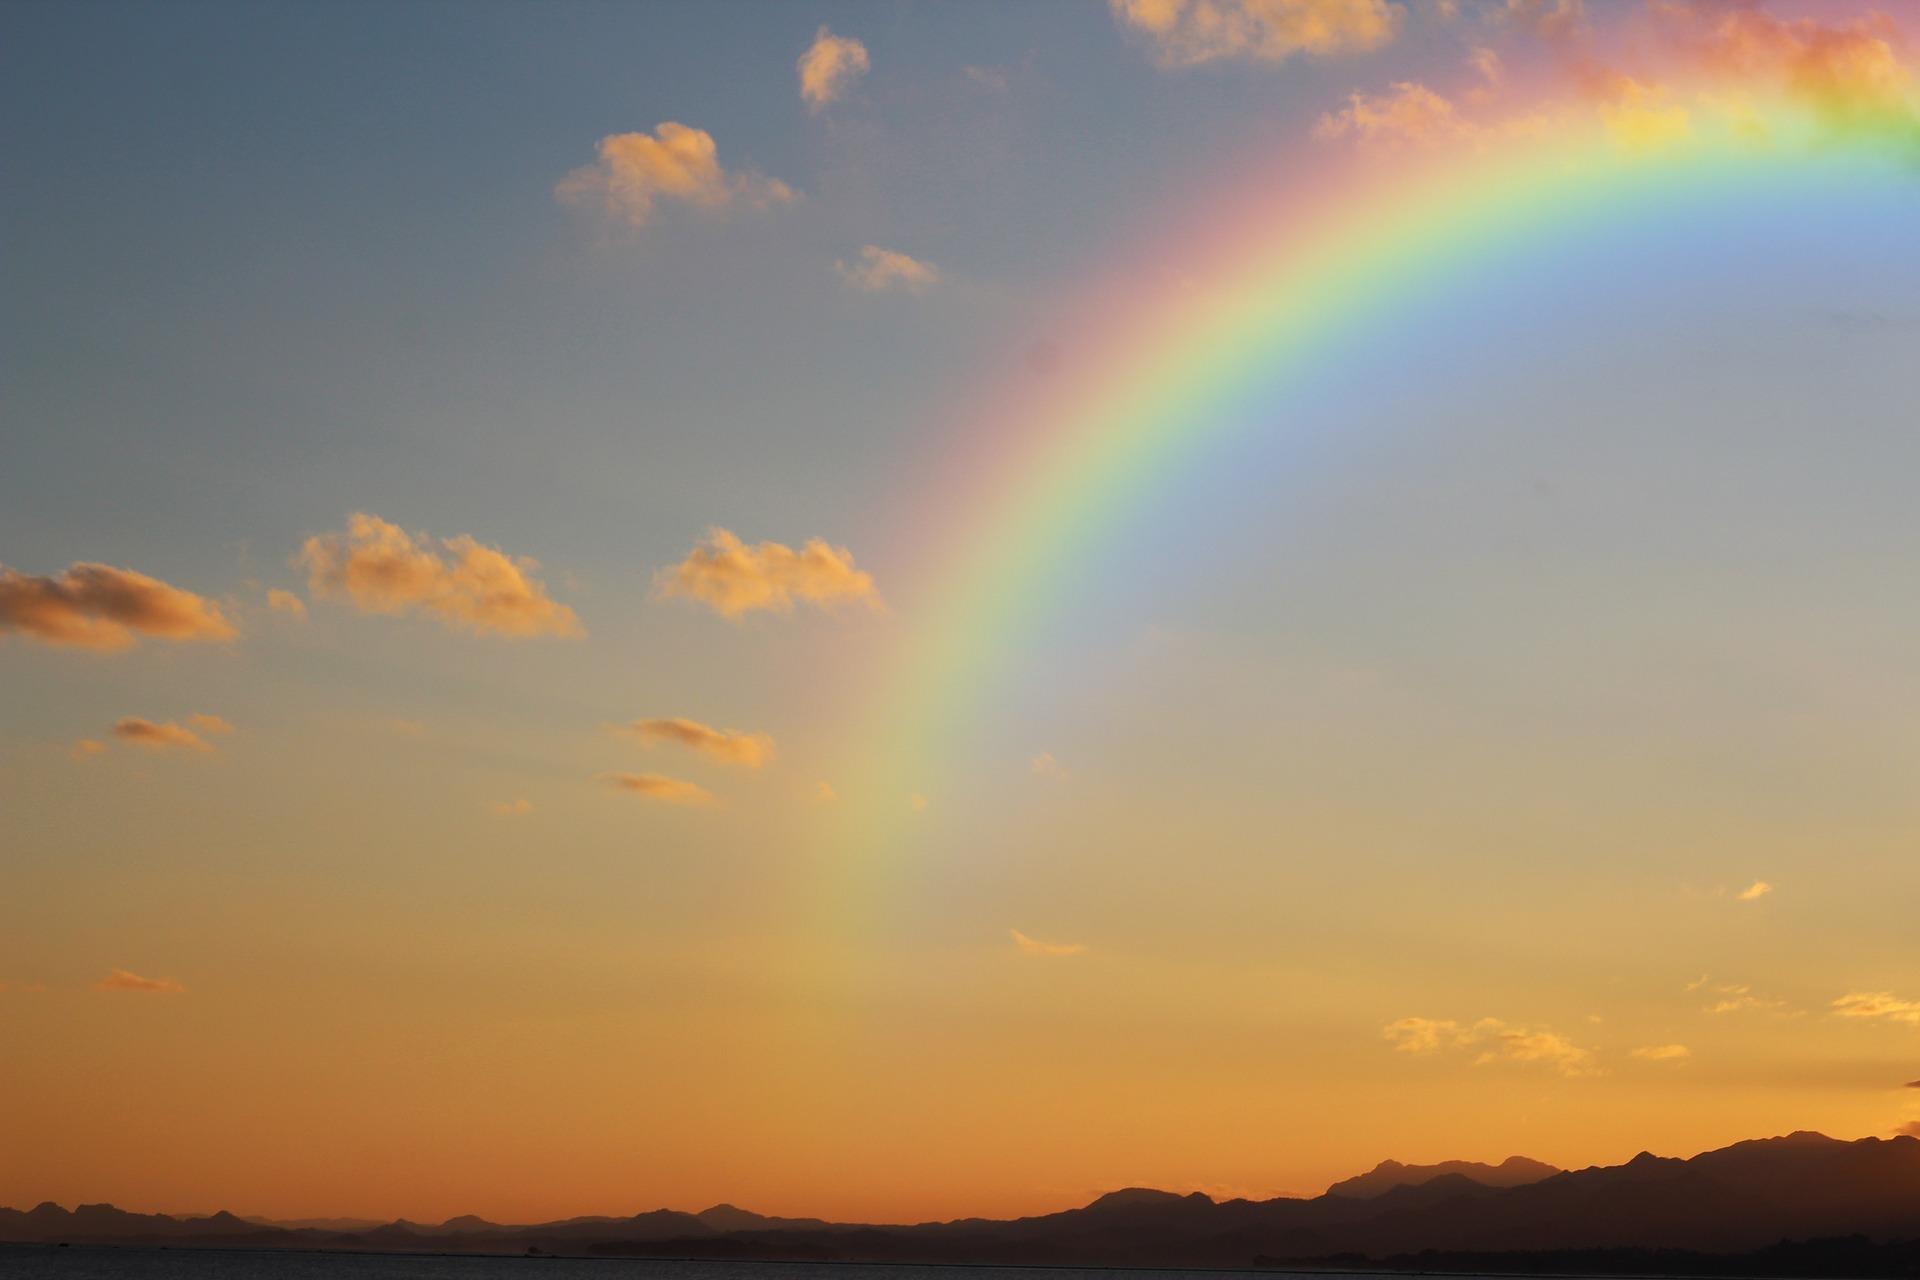 Und jetzt brauche ich einen Regenbogen!